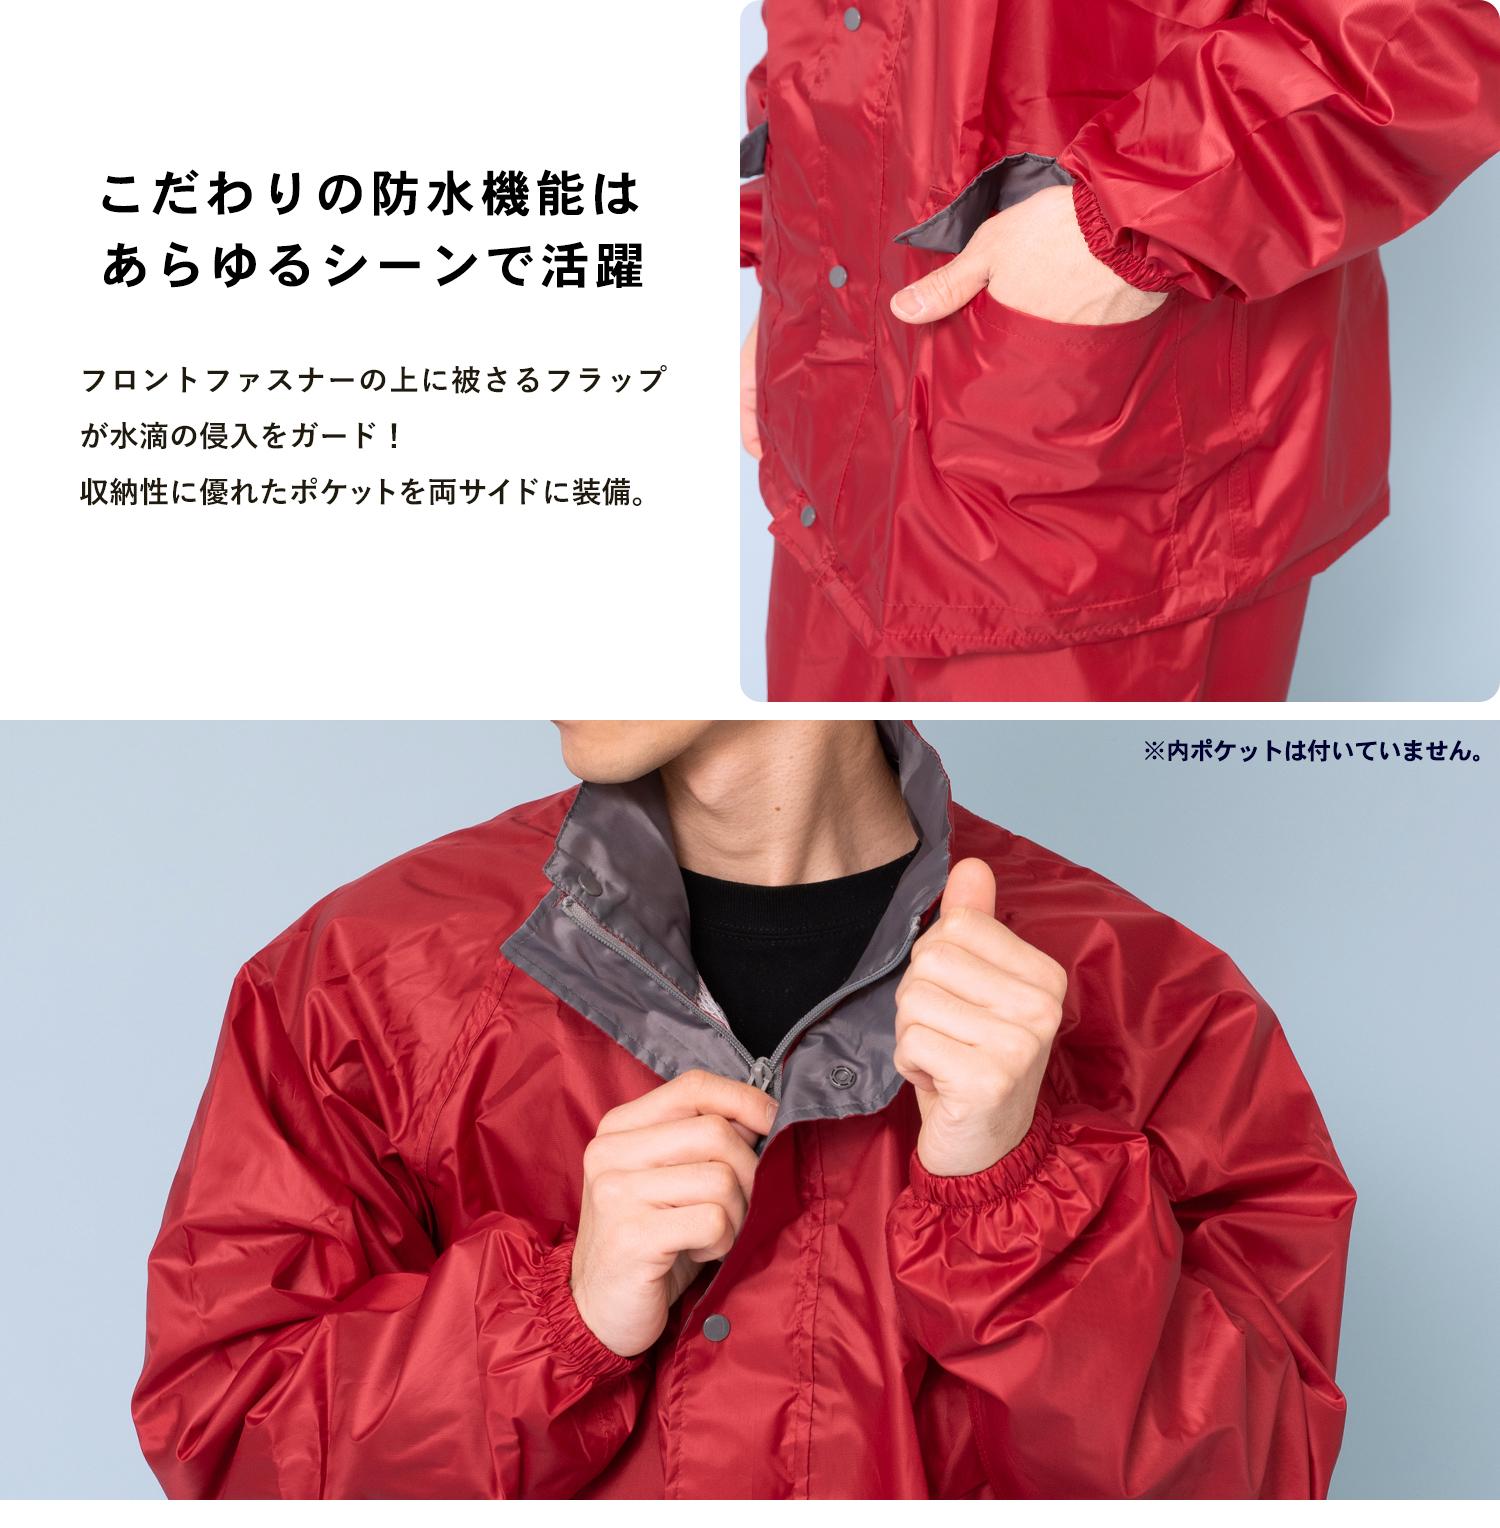 【 めちゃ早便 】◇ コーナン オリジナル PROACT ライトレインスーツ2 レッド M KN−001